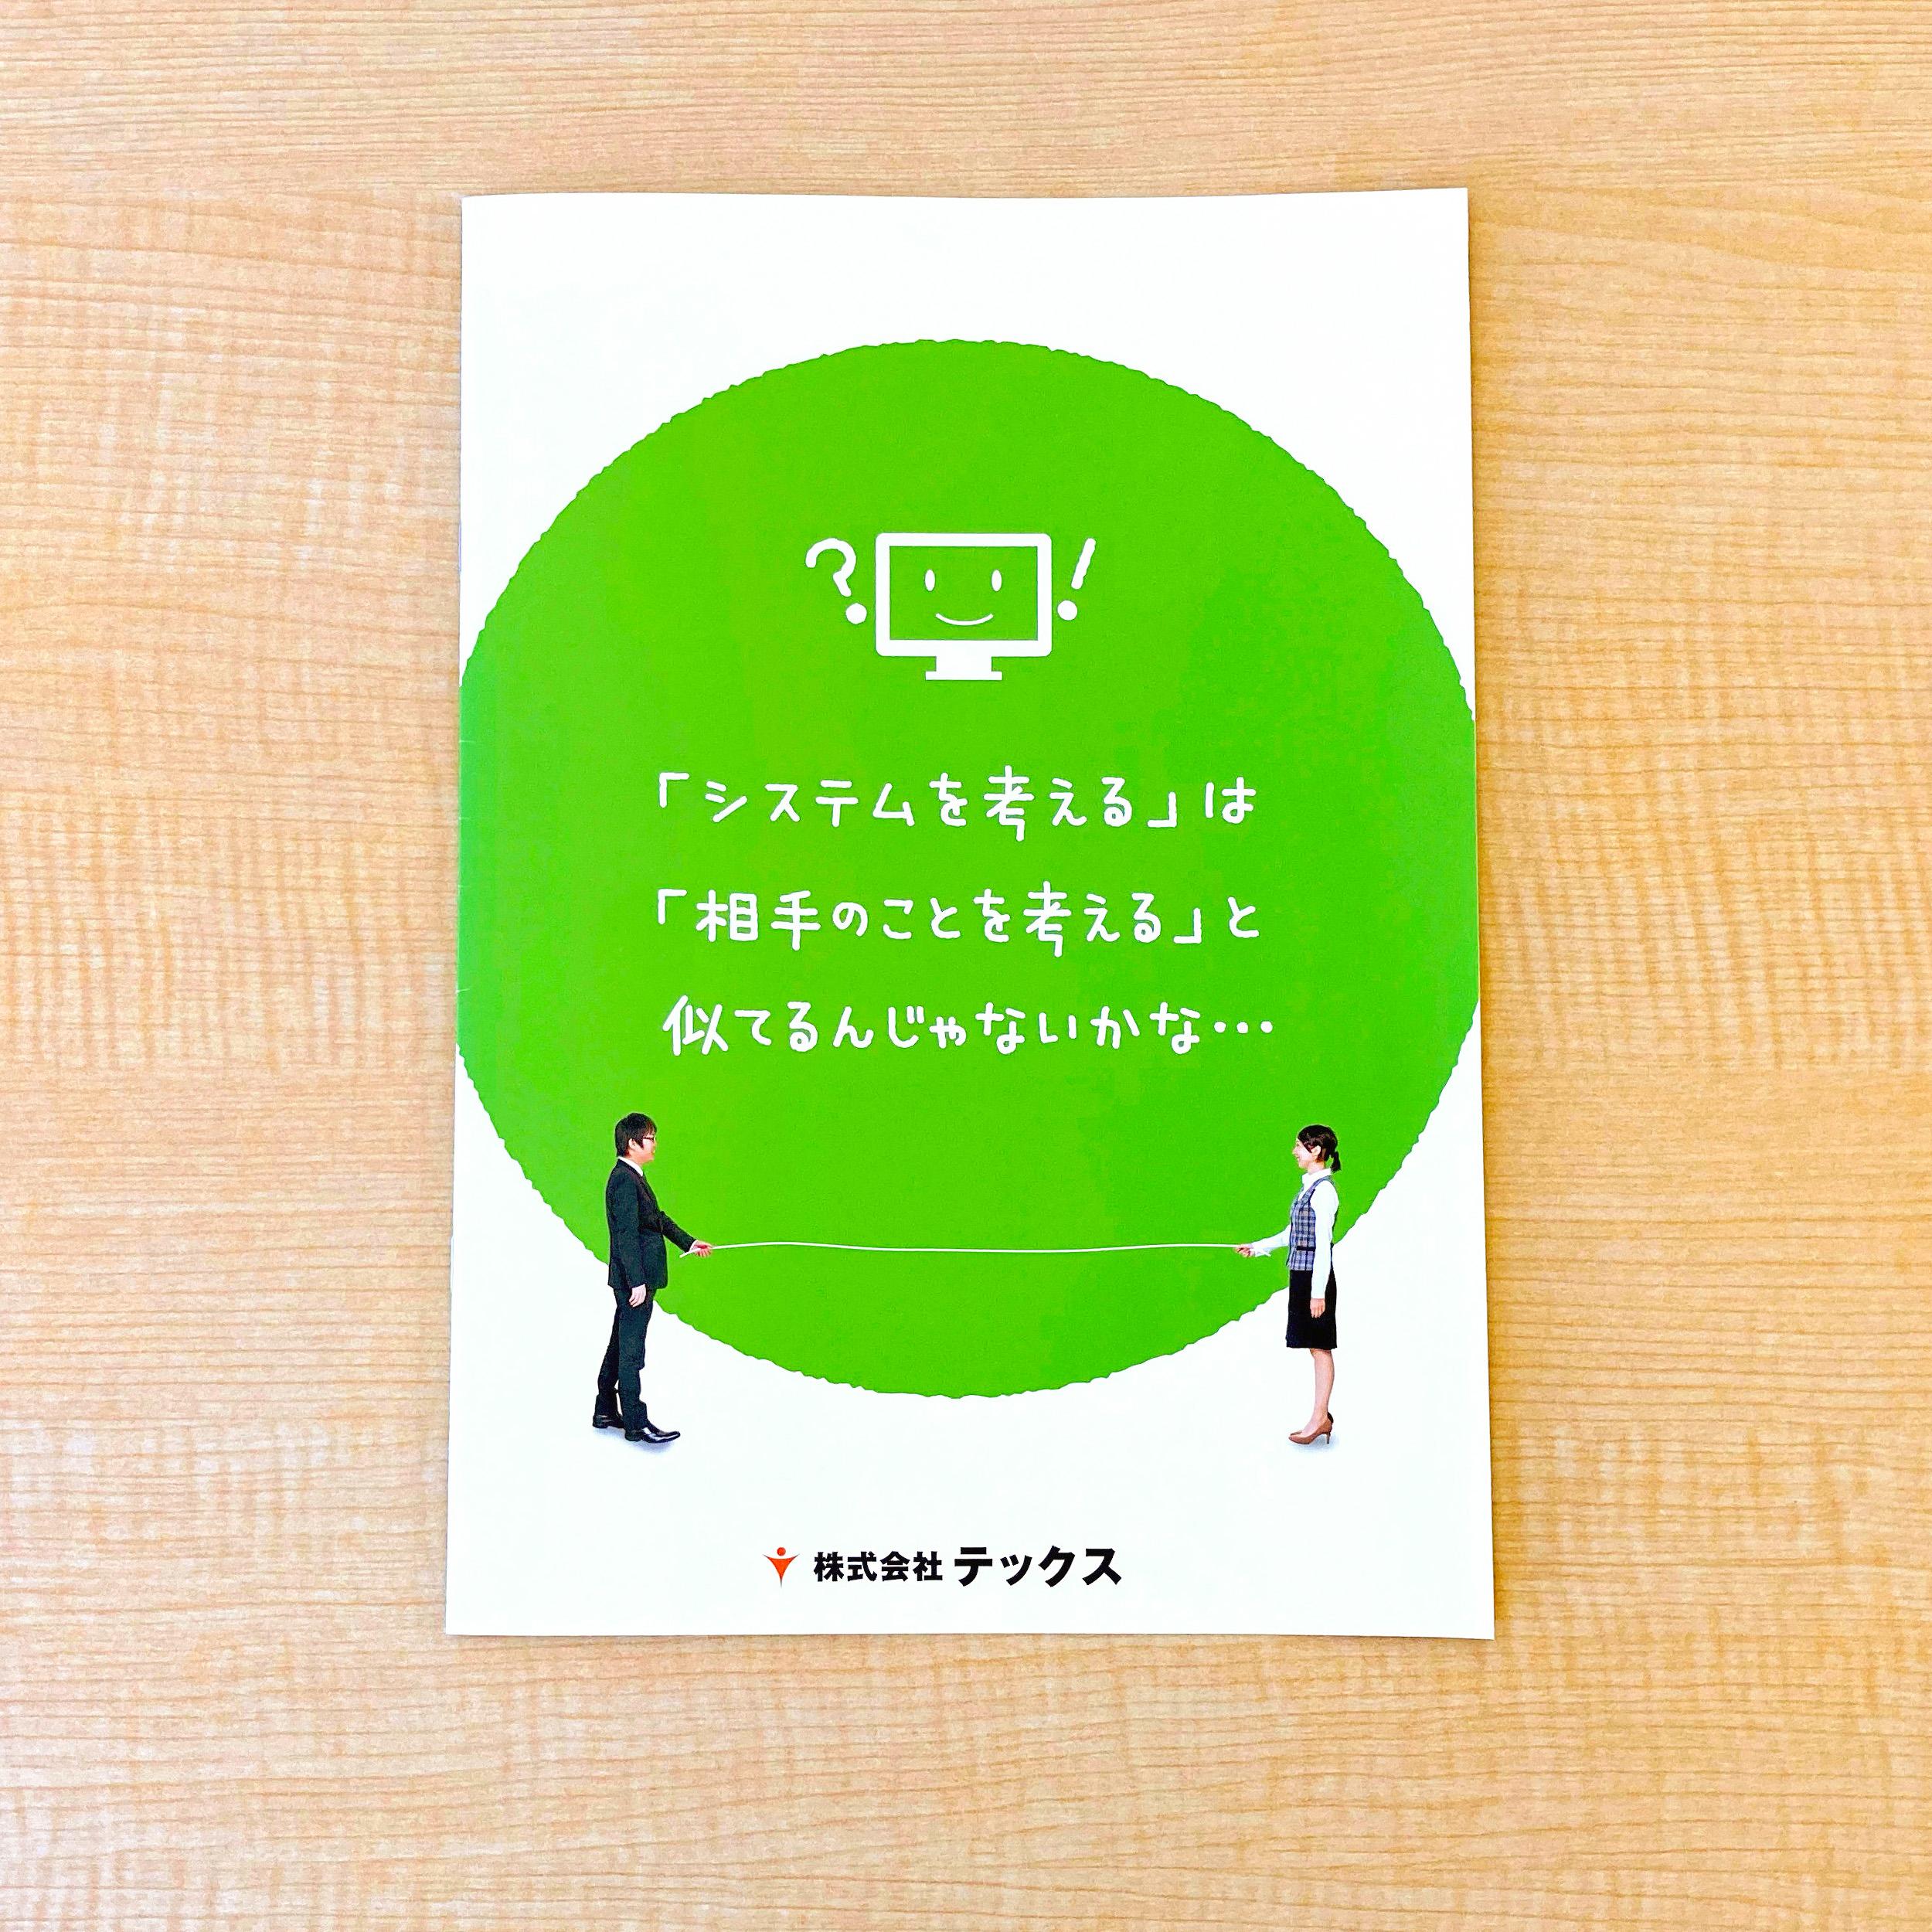 高知に本社をおくシステム開発会社のリクルート活動用パンフレットを制作